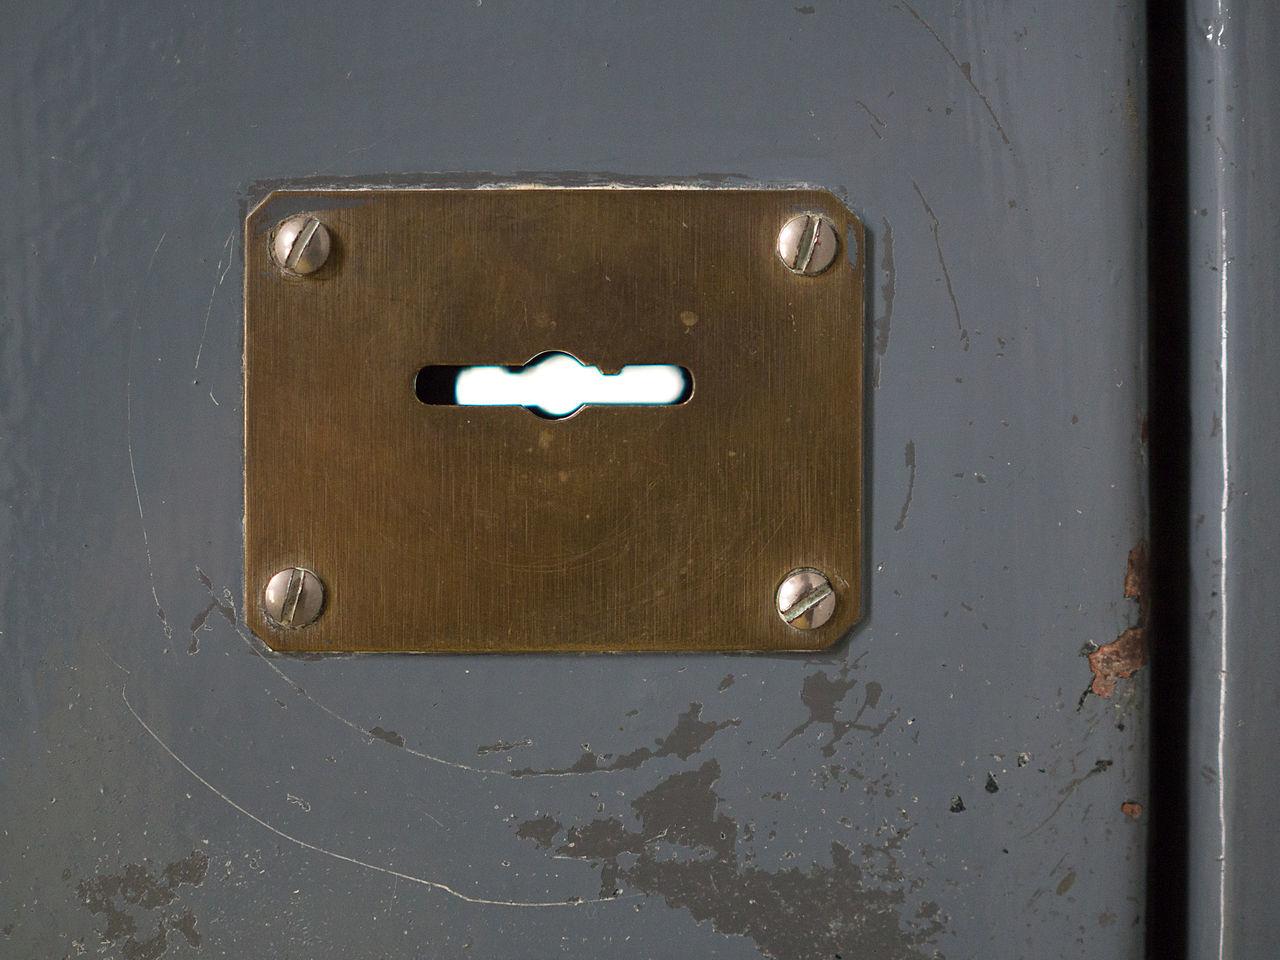 Look over Armoured Brass Close-up Door Freedom Jail Key Keyhole Lock Metal Metallic Open Patch Plate Porta Blindata Rectangle Rust Schlüssel Scraping Scratches Screw Security Door Sicherheitstür Slot Sperren